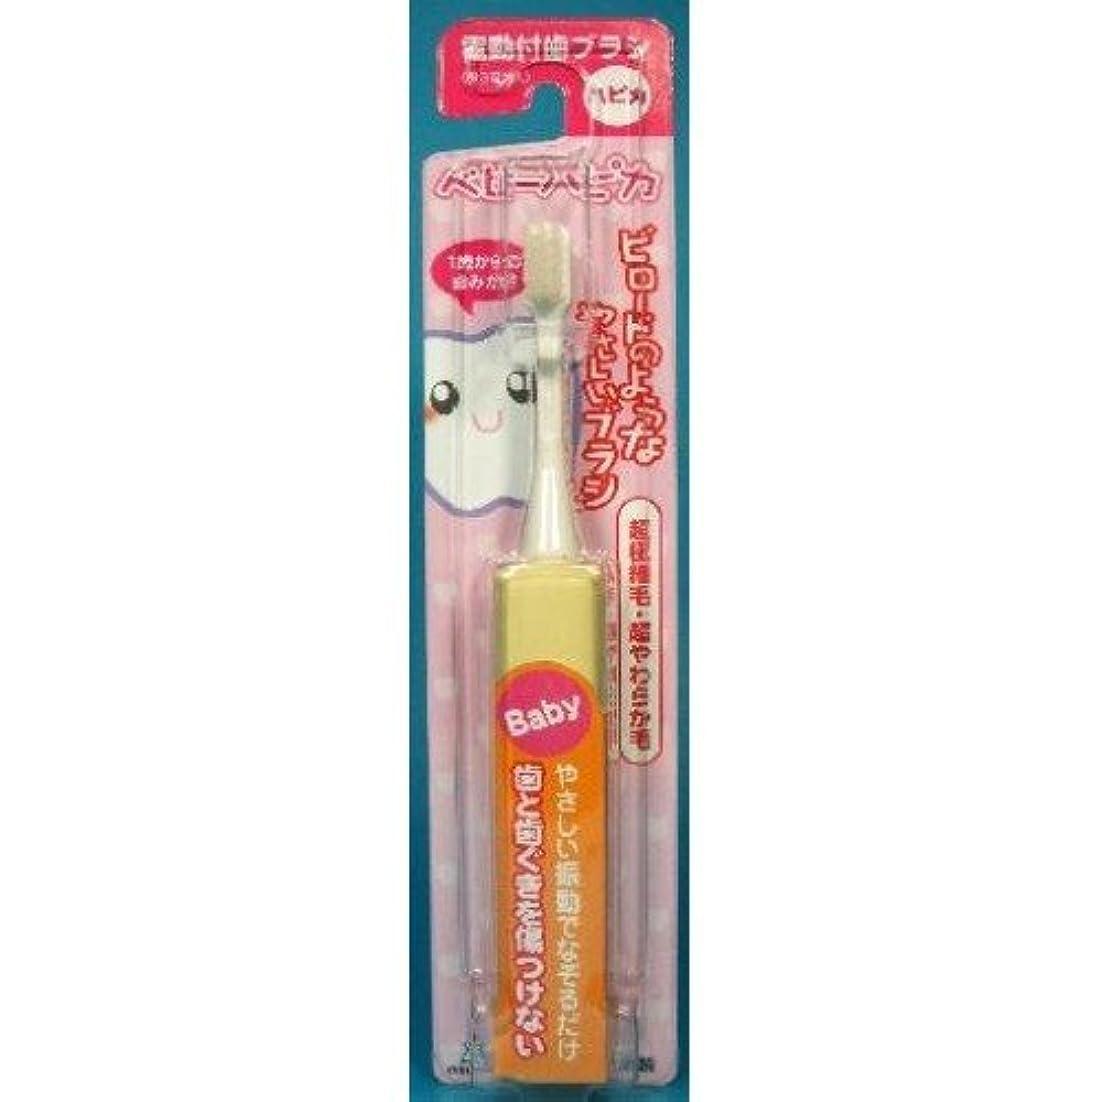 好意的バーター縮れたミニマム 電動付歯ブラシ ベビーハピカ イエロー 毛の硬さ:超やわらかめ DBB-1Y(BP)